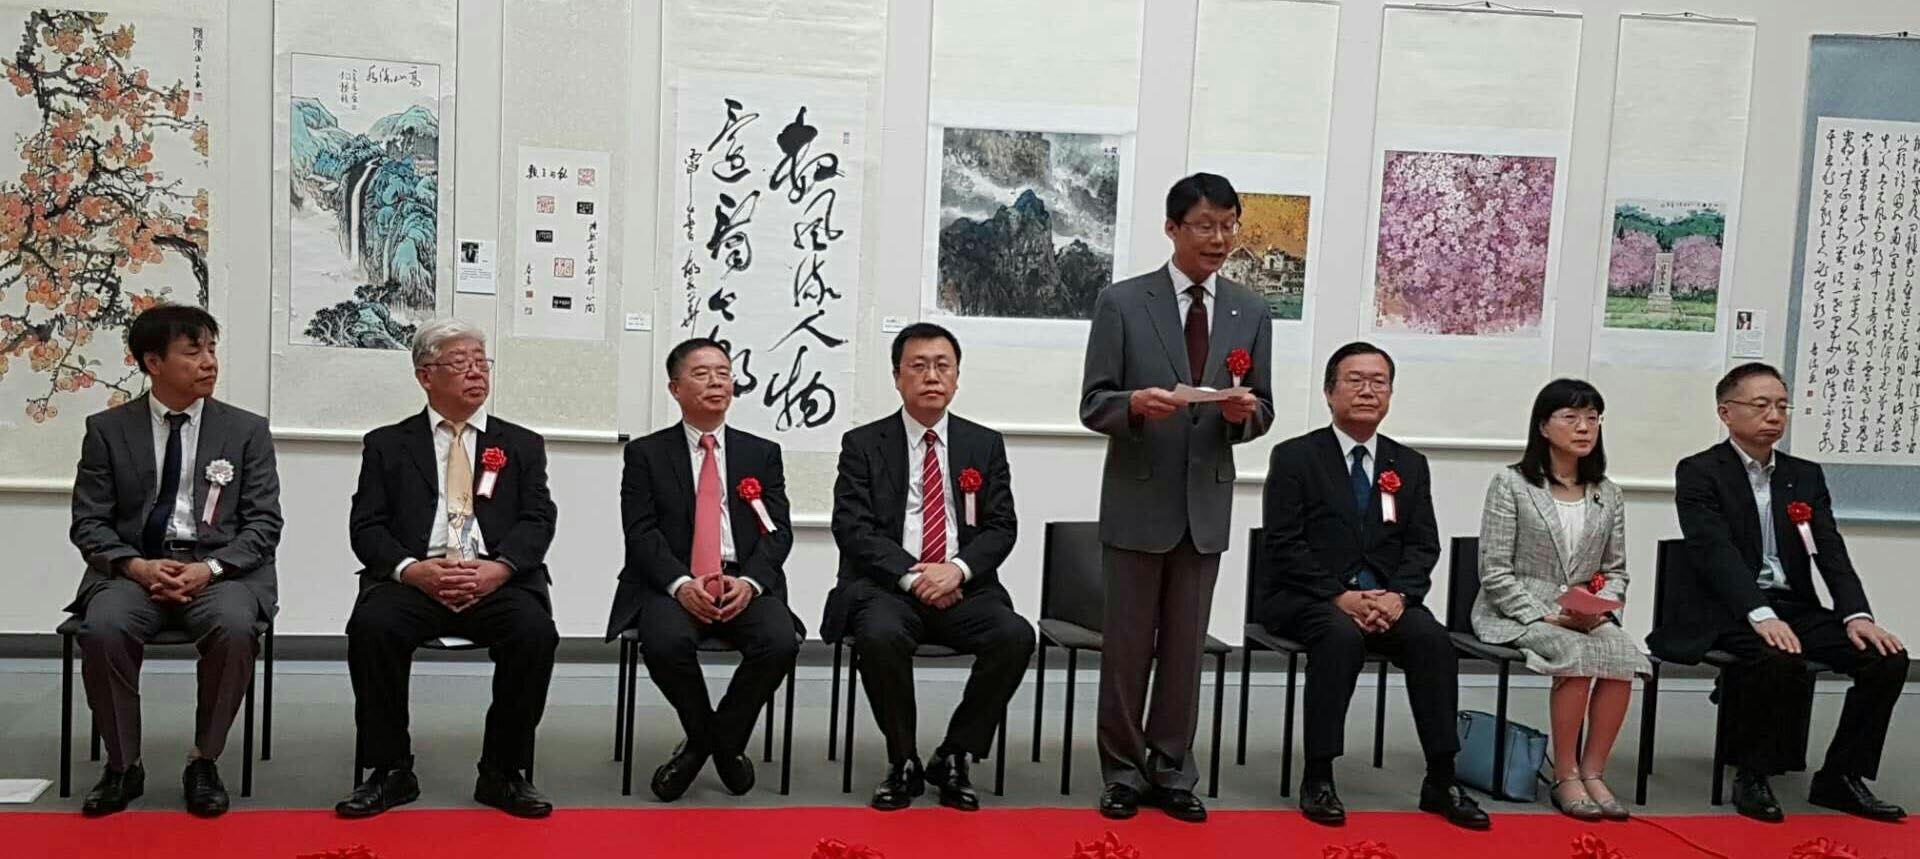 第22回日中書画篆刻交流展名古屋で開催